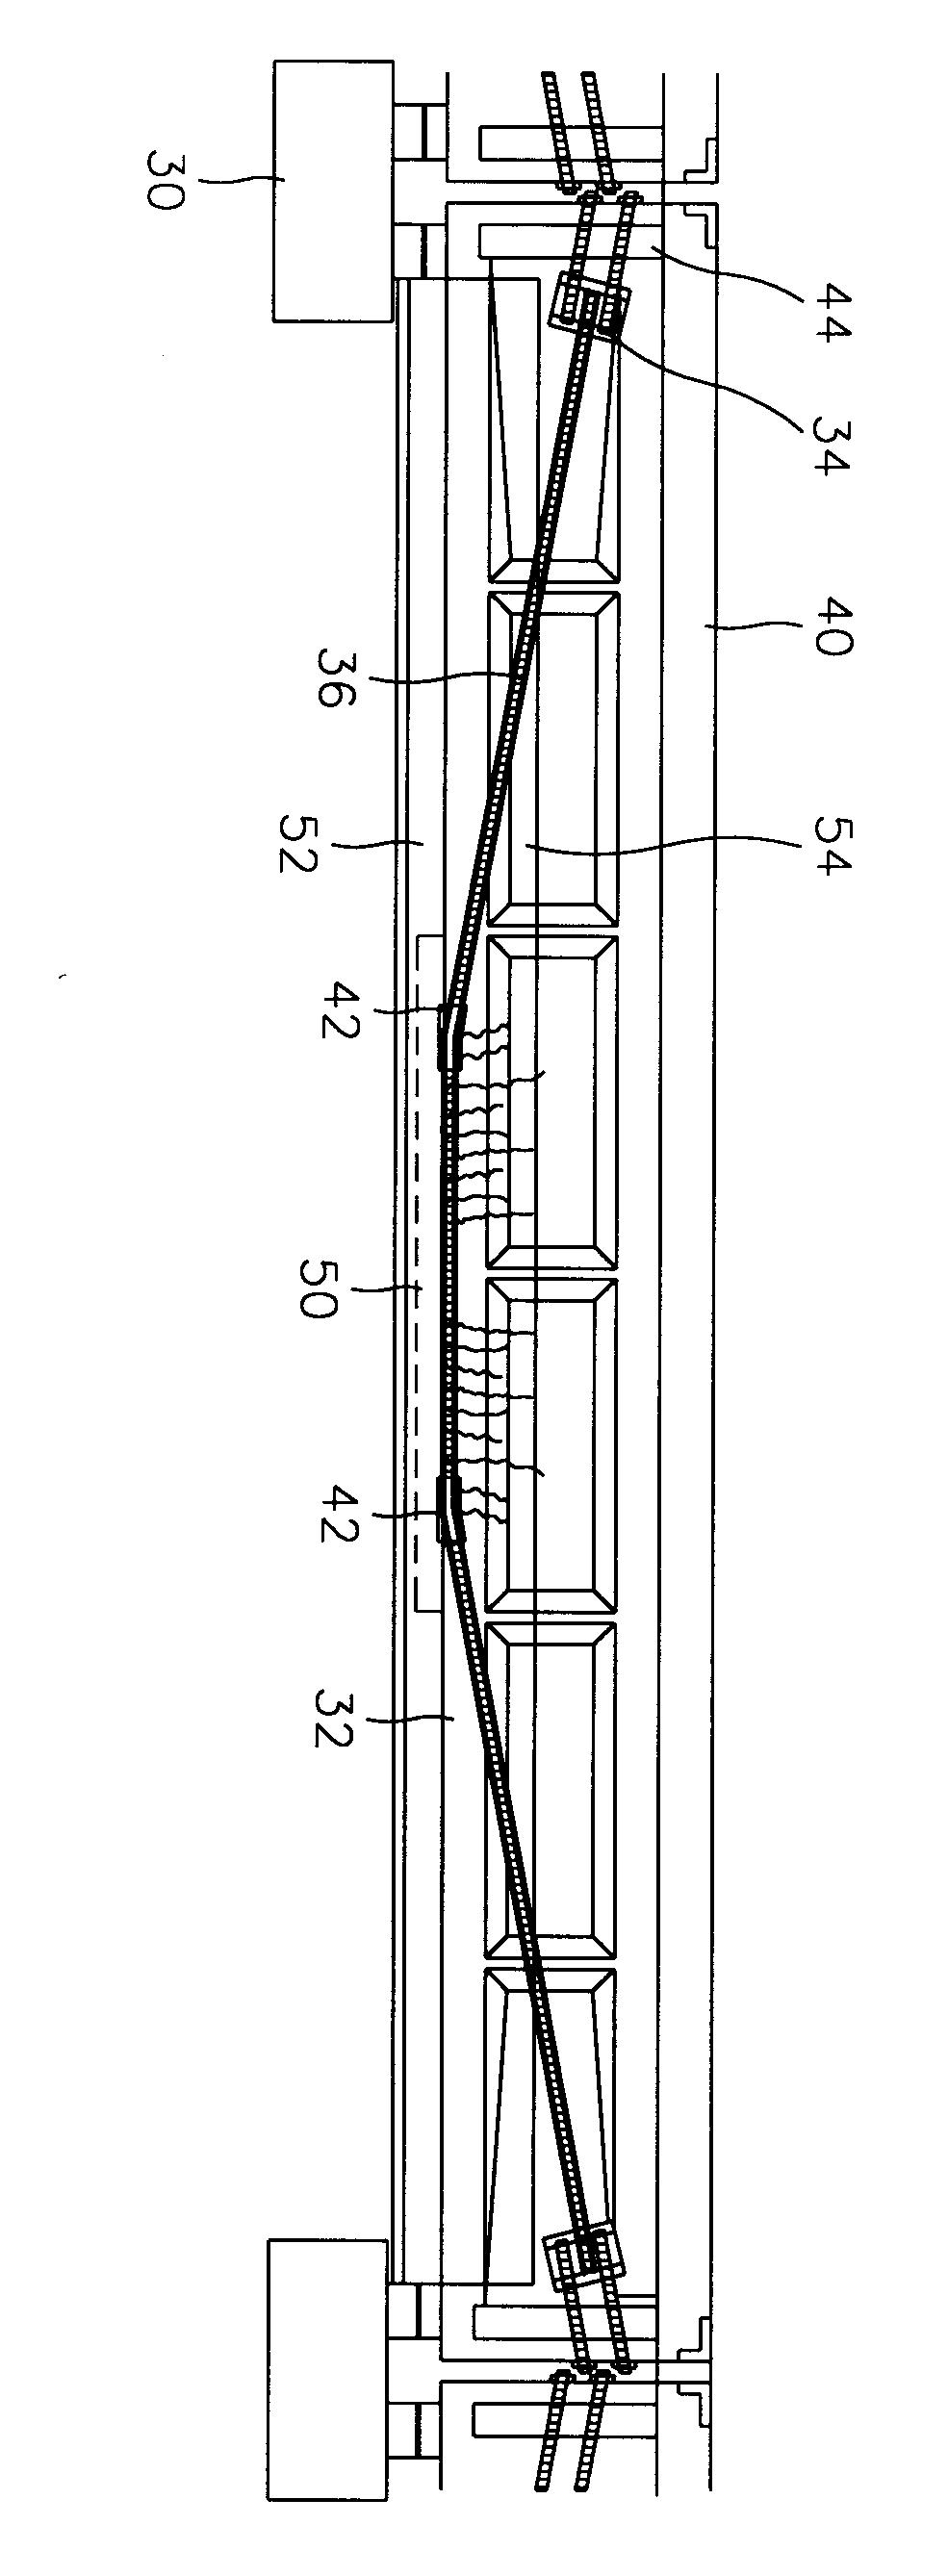 절곡형외부강선을이용한손상된교량주형의복합적보수보강방법(HYBRID METHOD FOR REPAIRING AND REFORCING CRACKED BEAMS OF BRIDGE USING EXTERNAL BENT PRE-STRESSED WIRE)